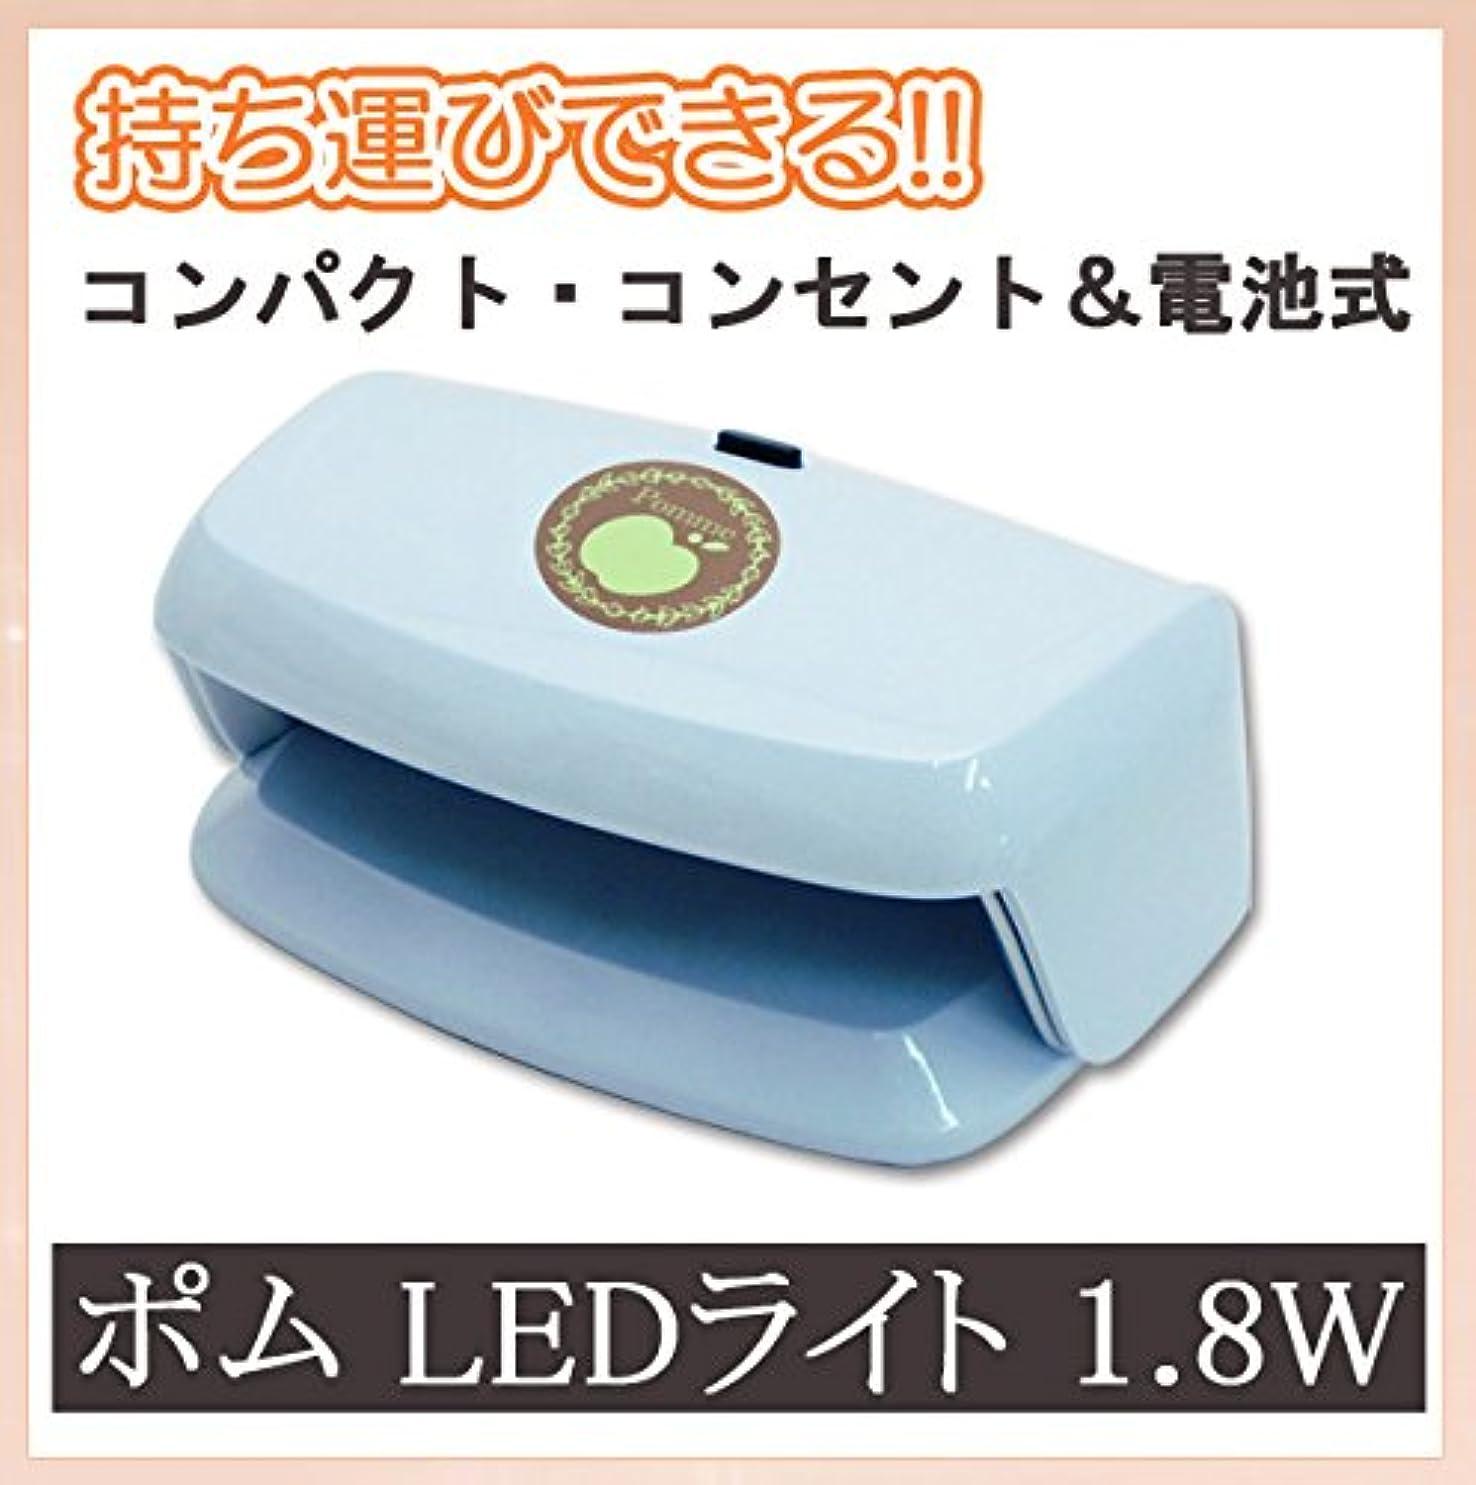 感謝赤長方形ポム LEDライト 1.8W